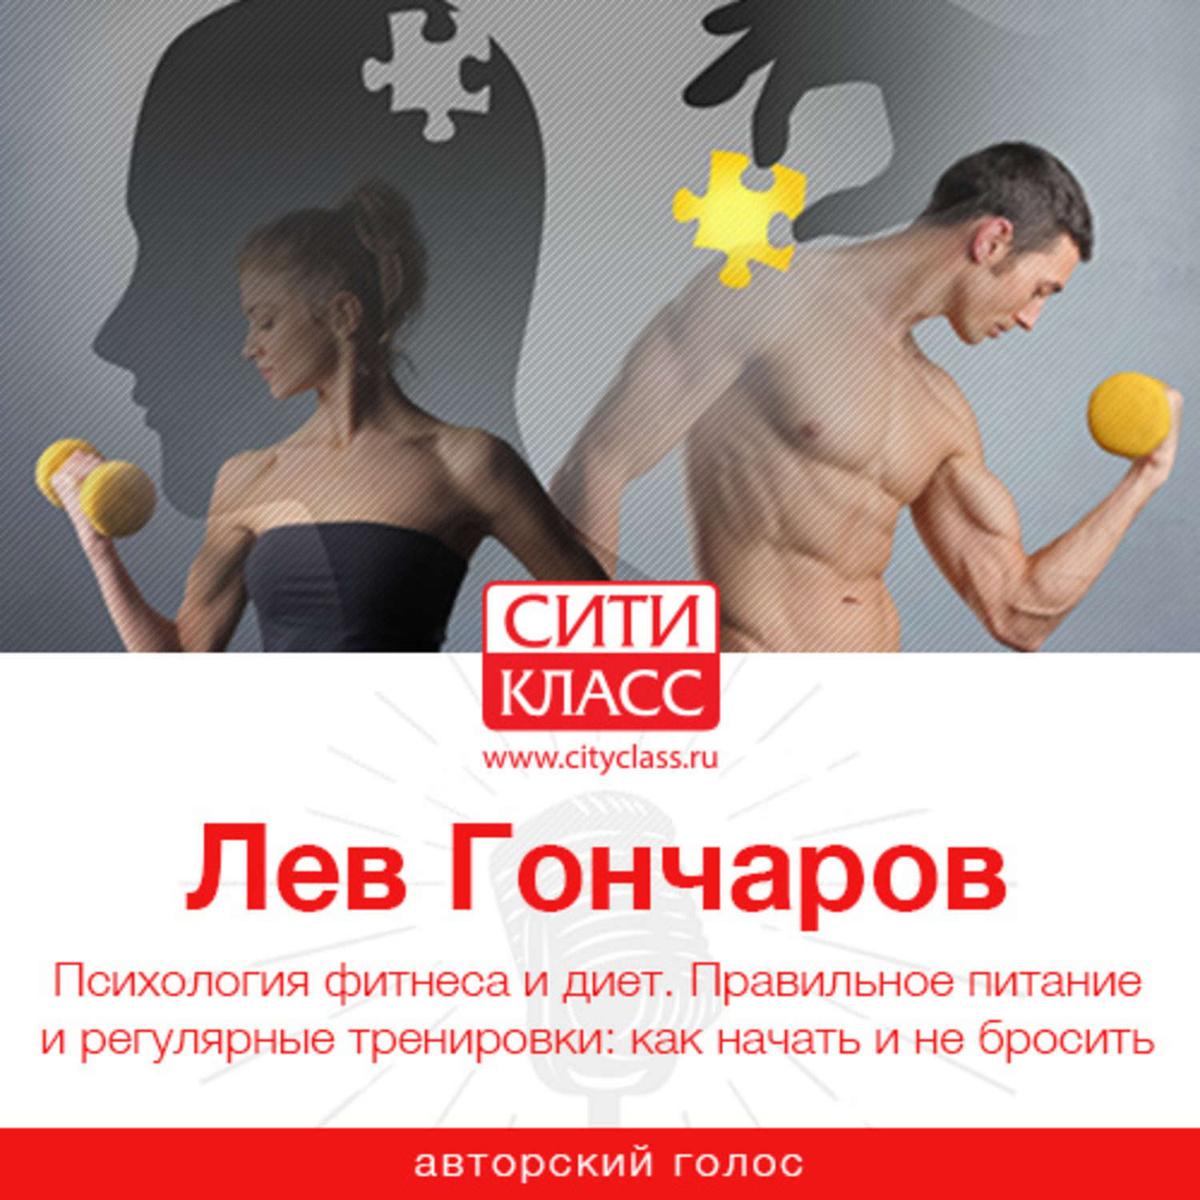 Психология фитнеса и диет. Правильное питание и регулярные тренировки: как начать и не бросить | Гончаров #1